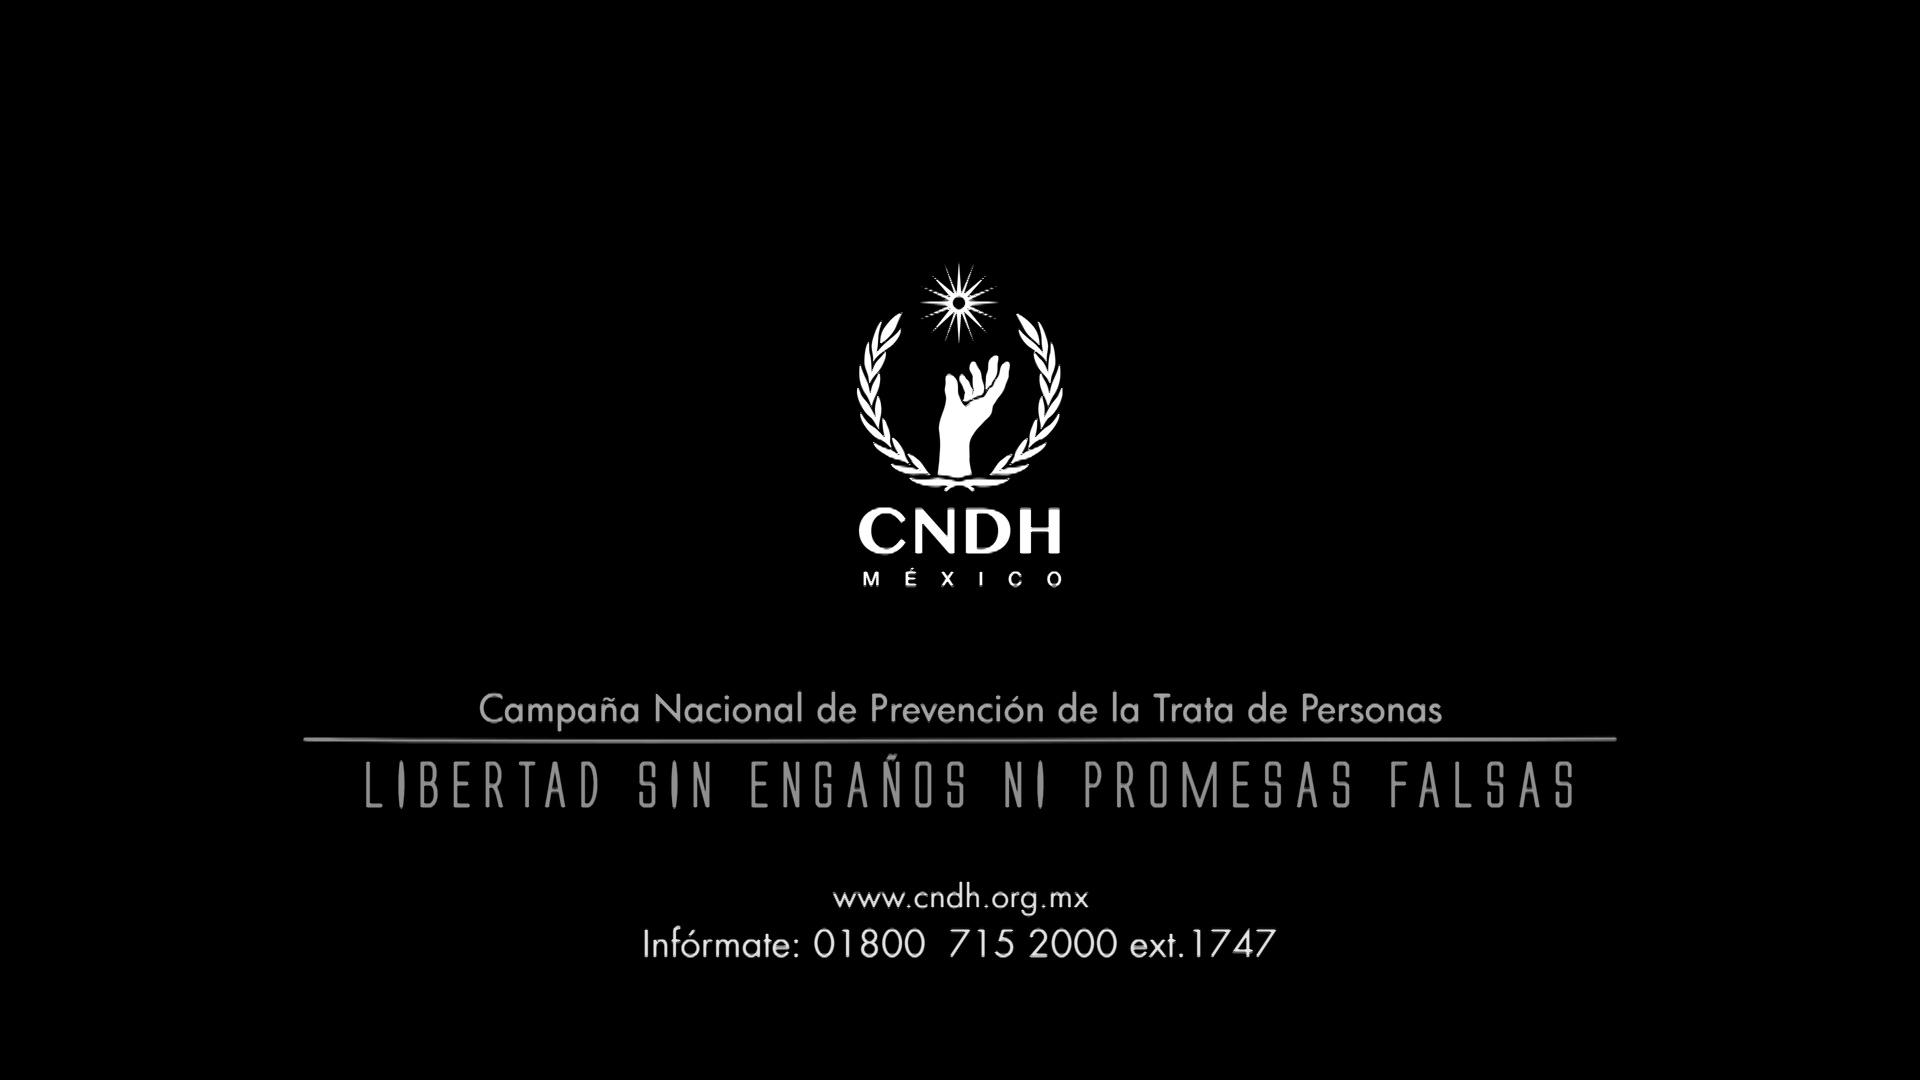 V001_Corte CNDH SPOT_HD_1.00_00_57_05.Imagen fija003